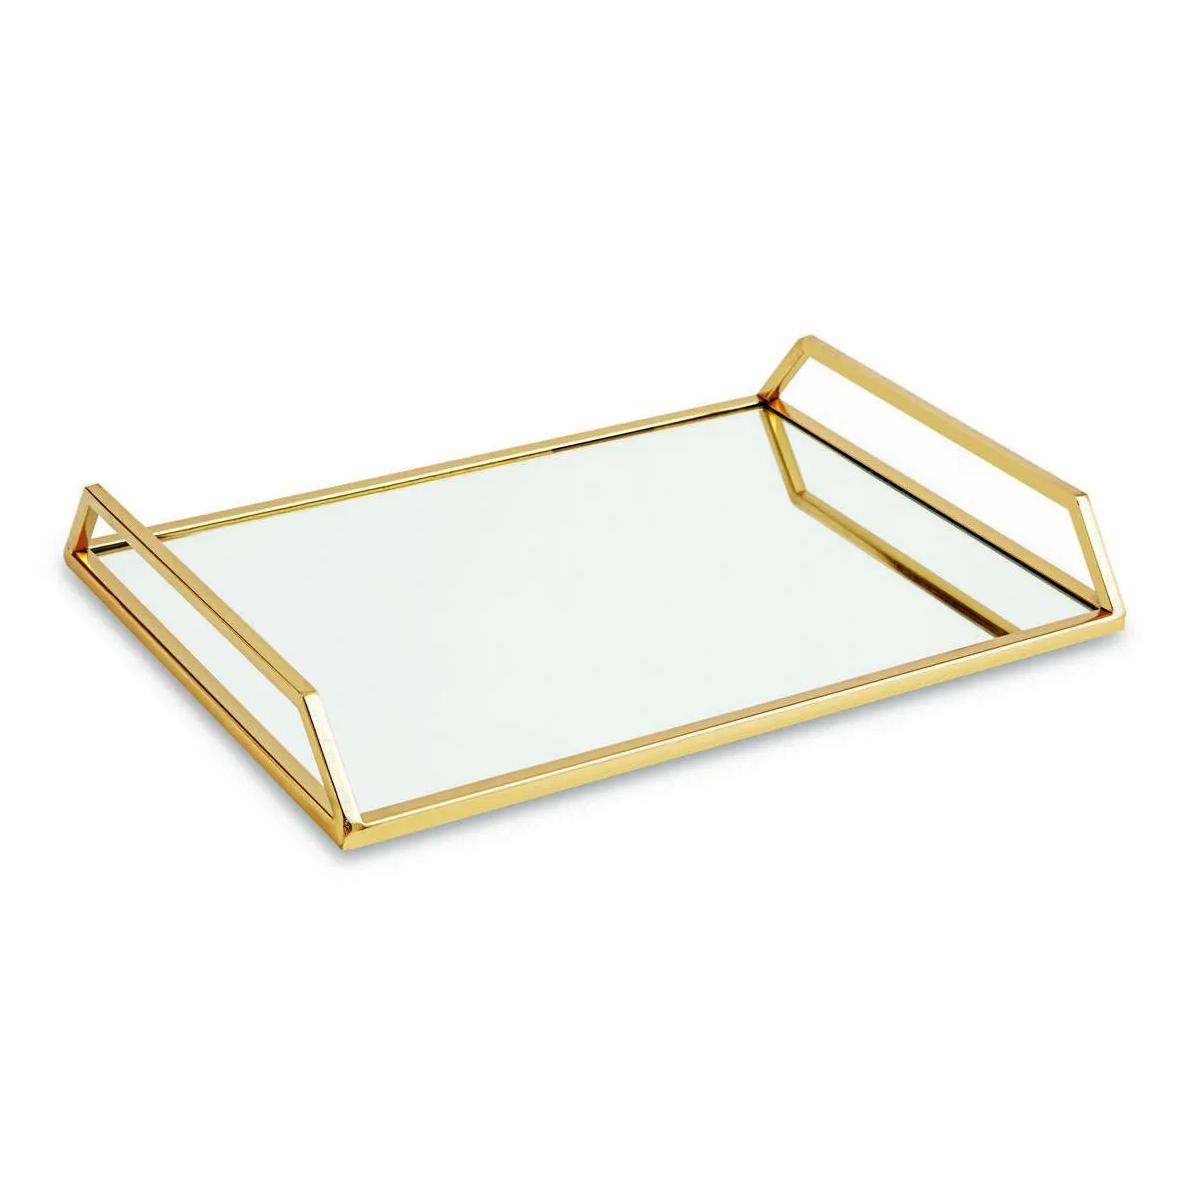 Bandeja dourada com espelho 28,3 cm